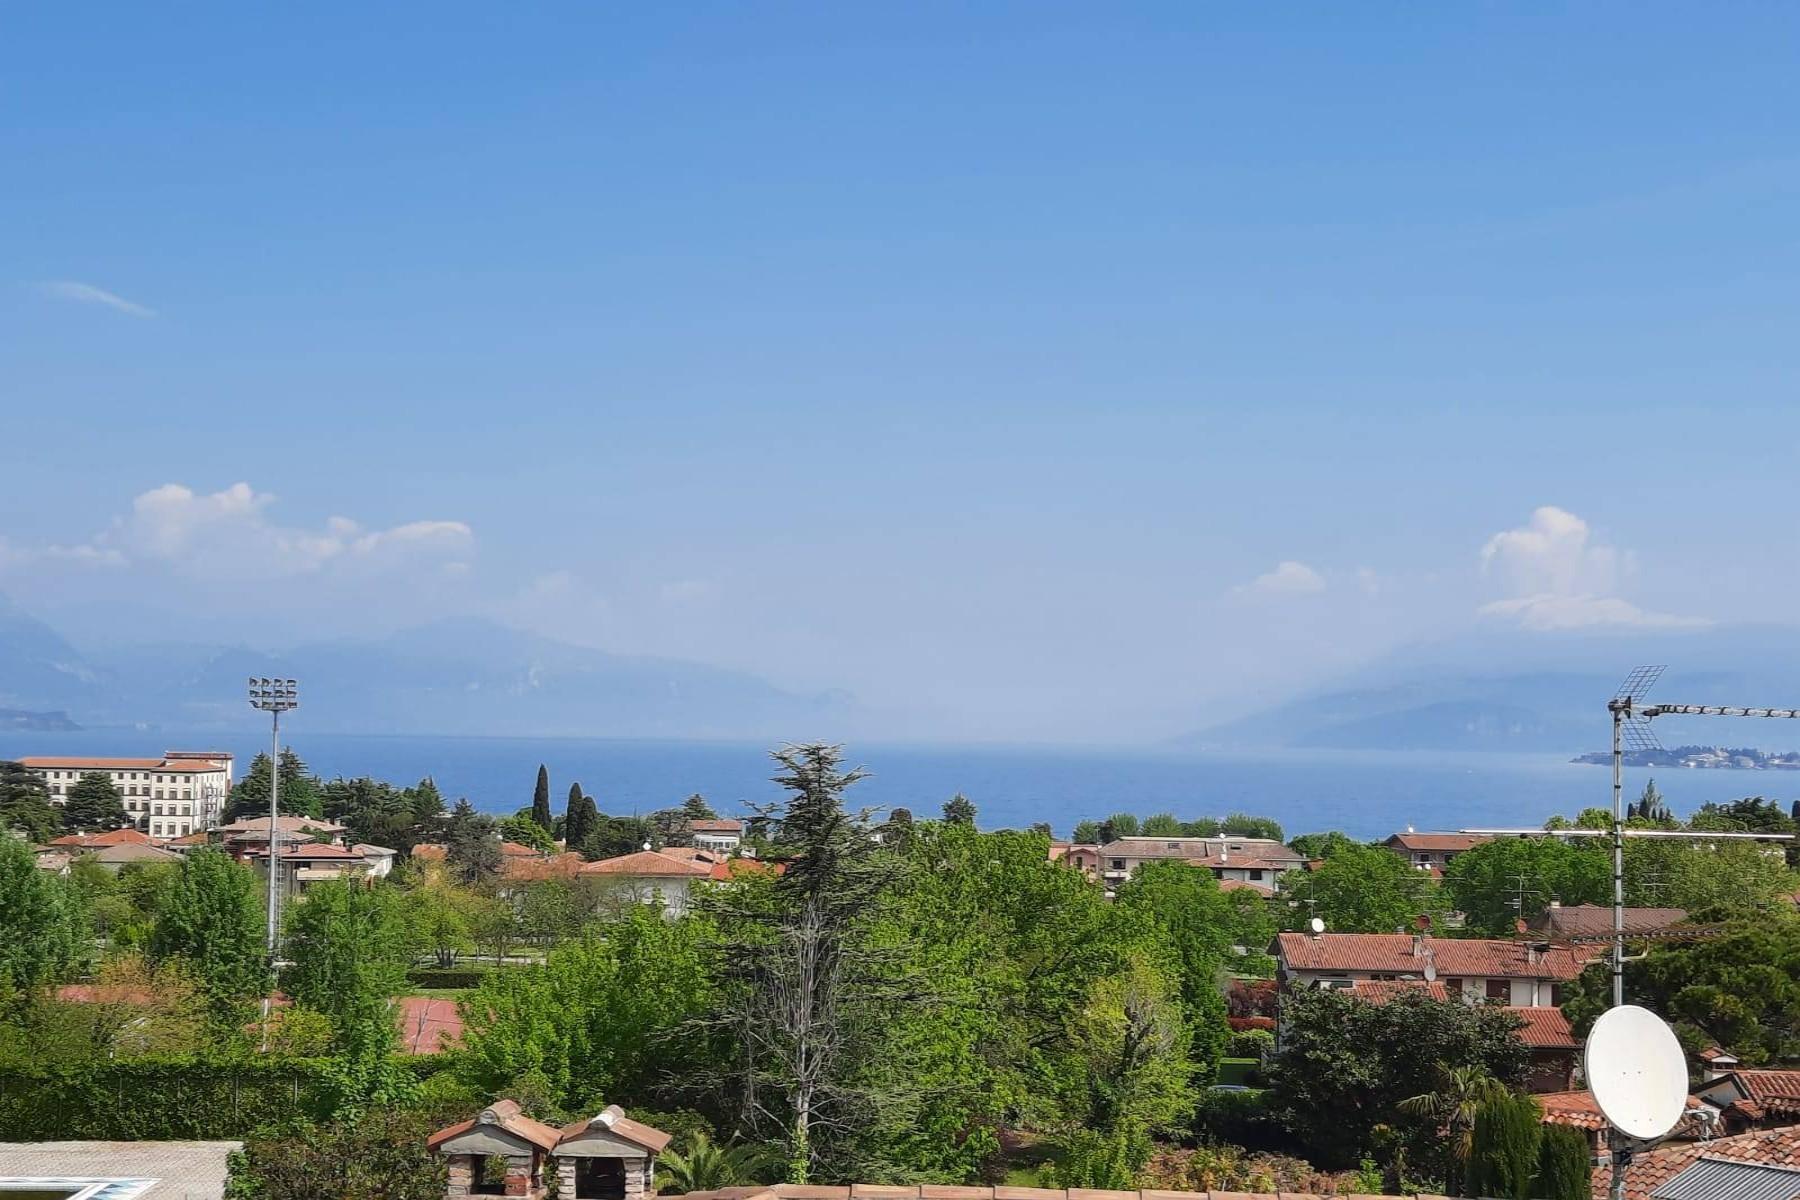 Attico in Vendita a Desenzano Del Garda: 5 locali, 100 mq - Foto 17